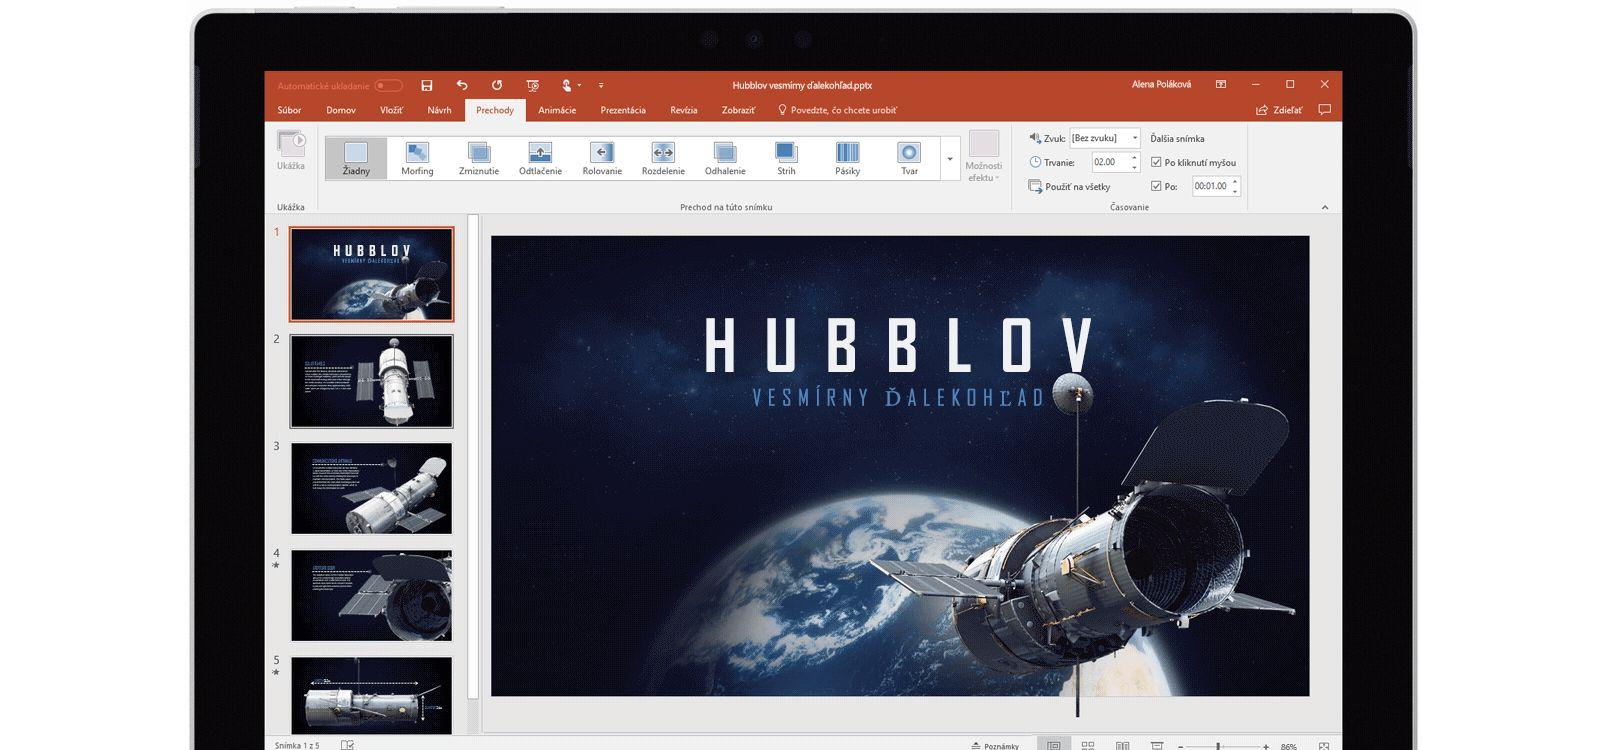 Obrazovka tabletu zobrazujúca používanie prechodu Morfing v powerpointovej prezentácii o vesmírnych teleskopoch